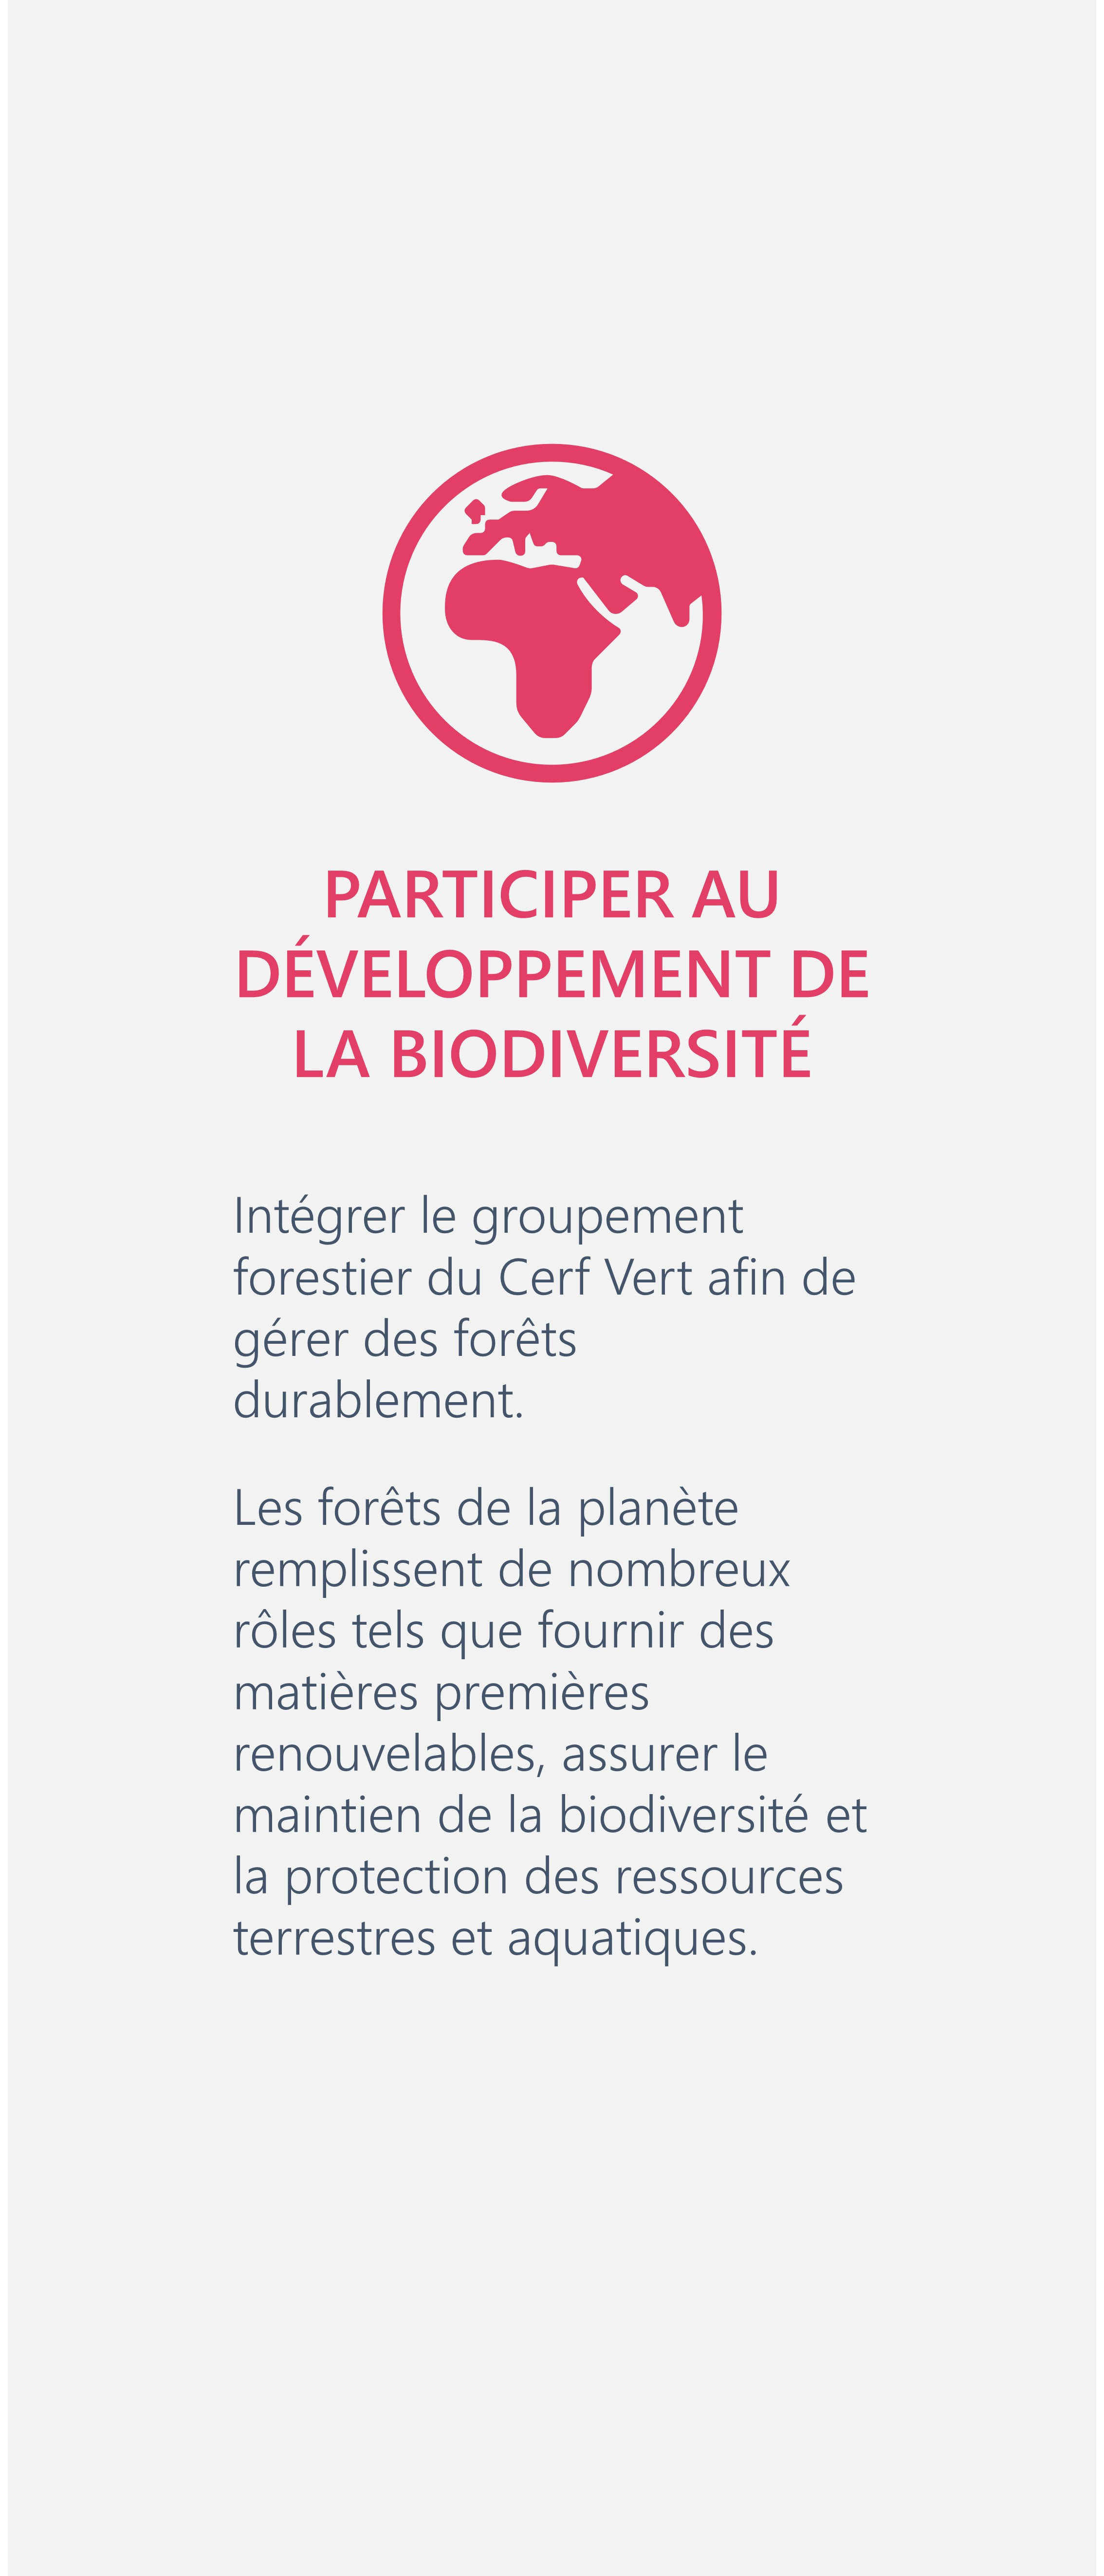 Participer groupement forestier développement biodiversité